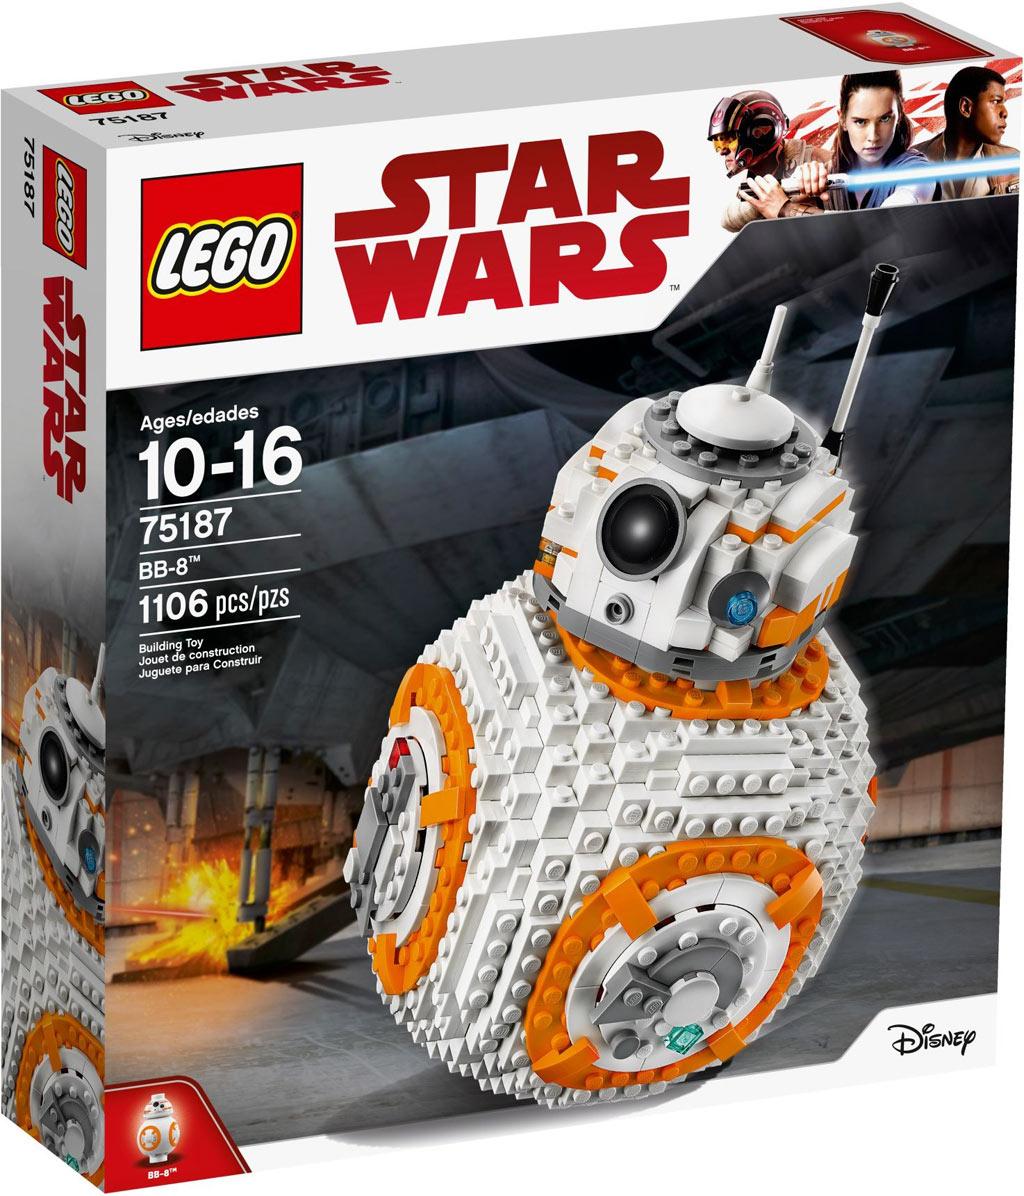 lego-star-wars-bb-8-75187-2018-box zusammengebaut.com